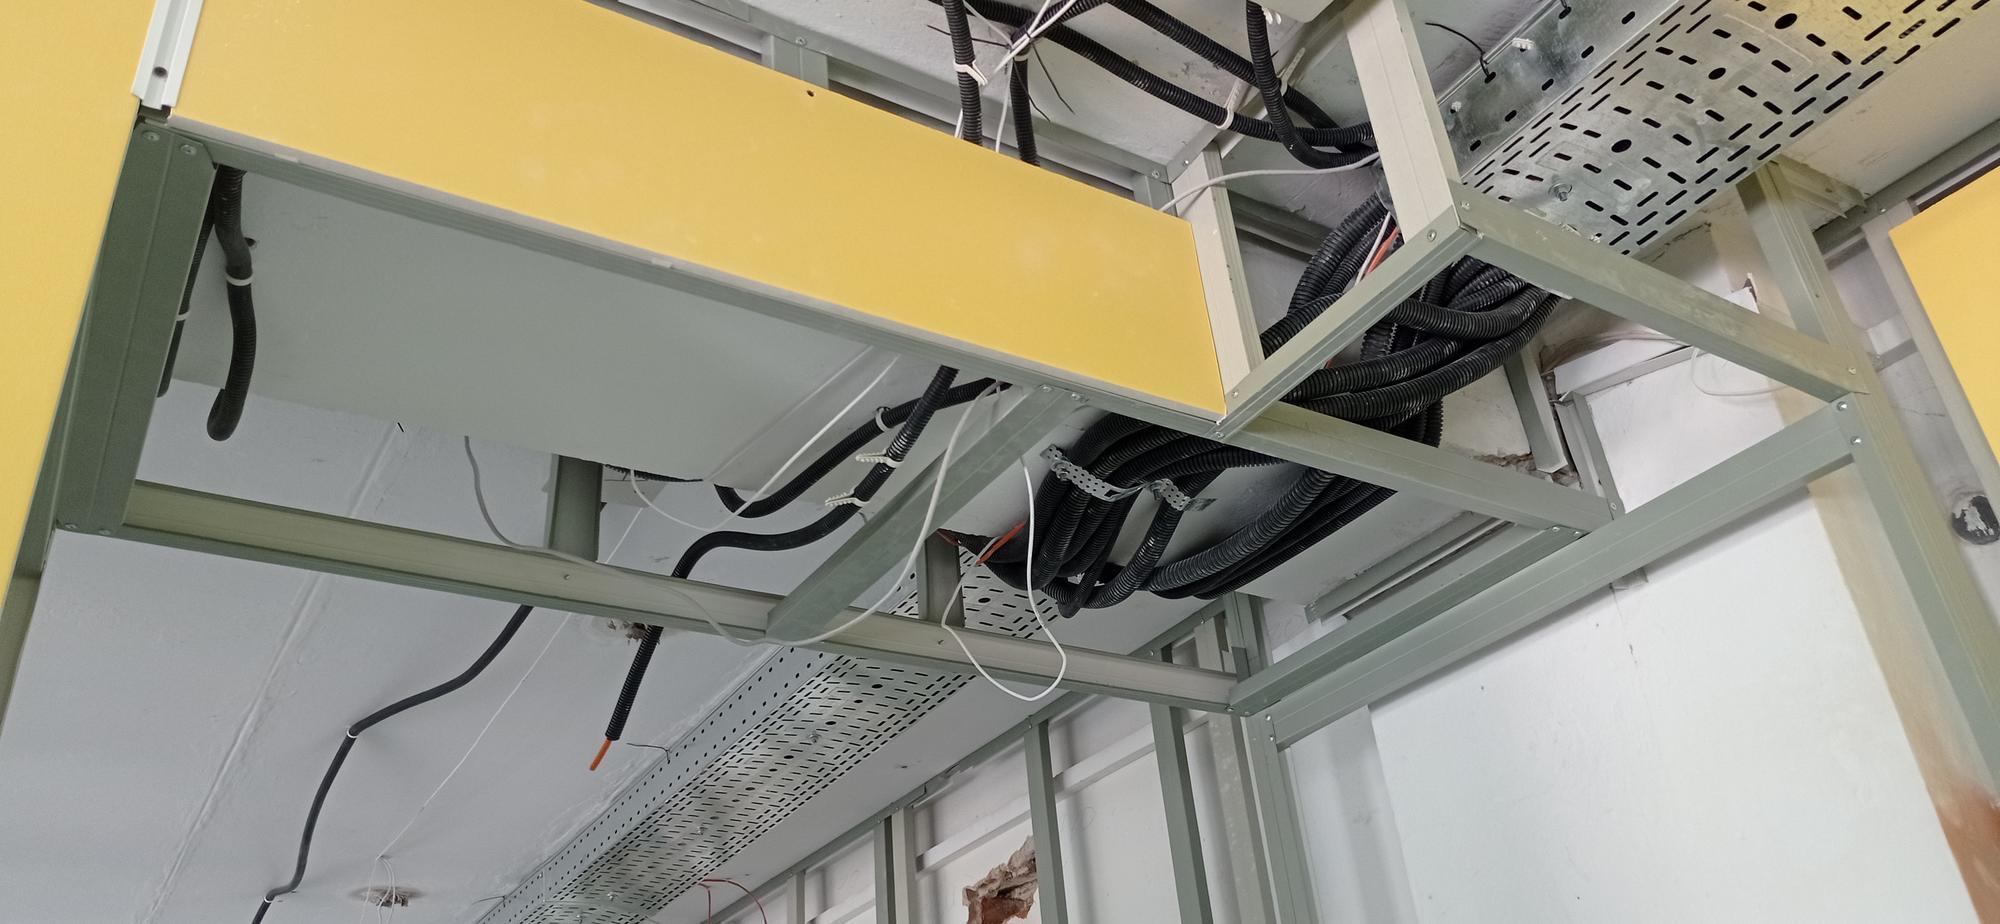 пожежна сигналізація на стелі 3-го поверху. Фото: Вільне радіо